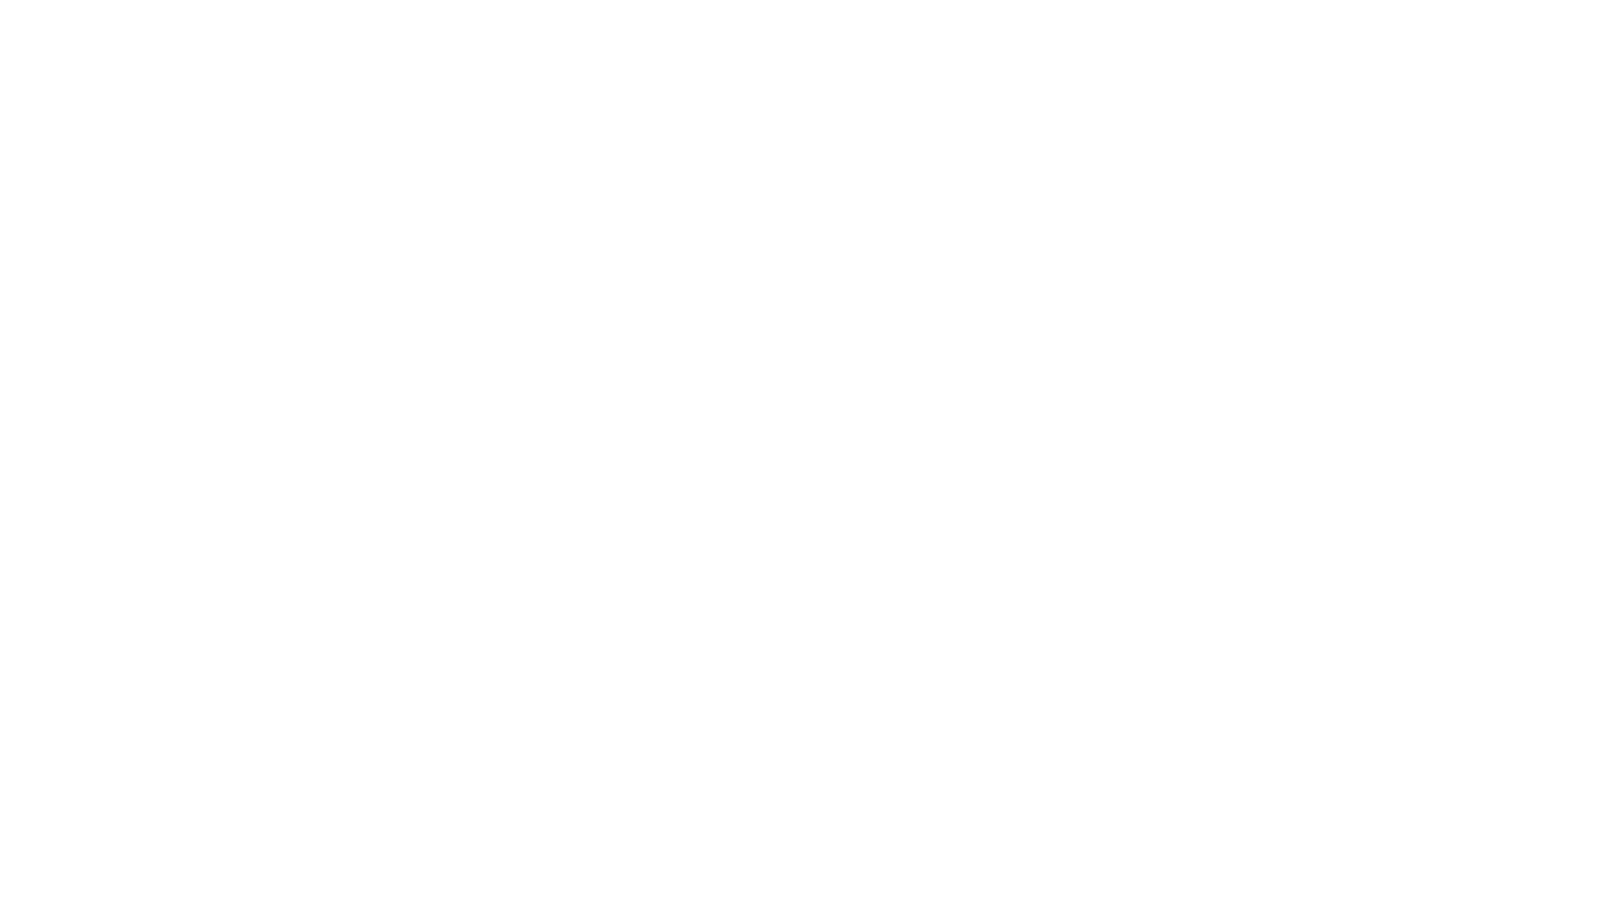 Culte en ligne ce dimanche 26 septembre 2021.  Partagez-vos sujets de prières à l'équipe pastorale dans les commentaires ou sur: https://eglisederessaix.be/prieres/  Culte en live sur Facebook: https://www.facebook.com/EgliseRessaix Youtube: https://youtube.com/eglisederessaix  Site web: https://eglisederessaix.be  Pour les dons et offrandes: Nom: Elim ASBL IBAN: BE60 0016 5375 0370